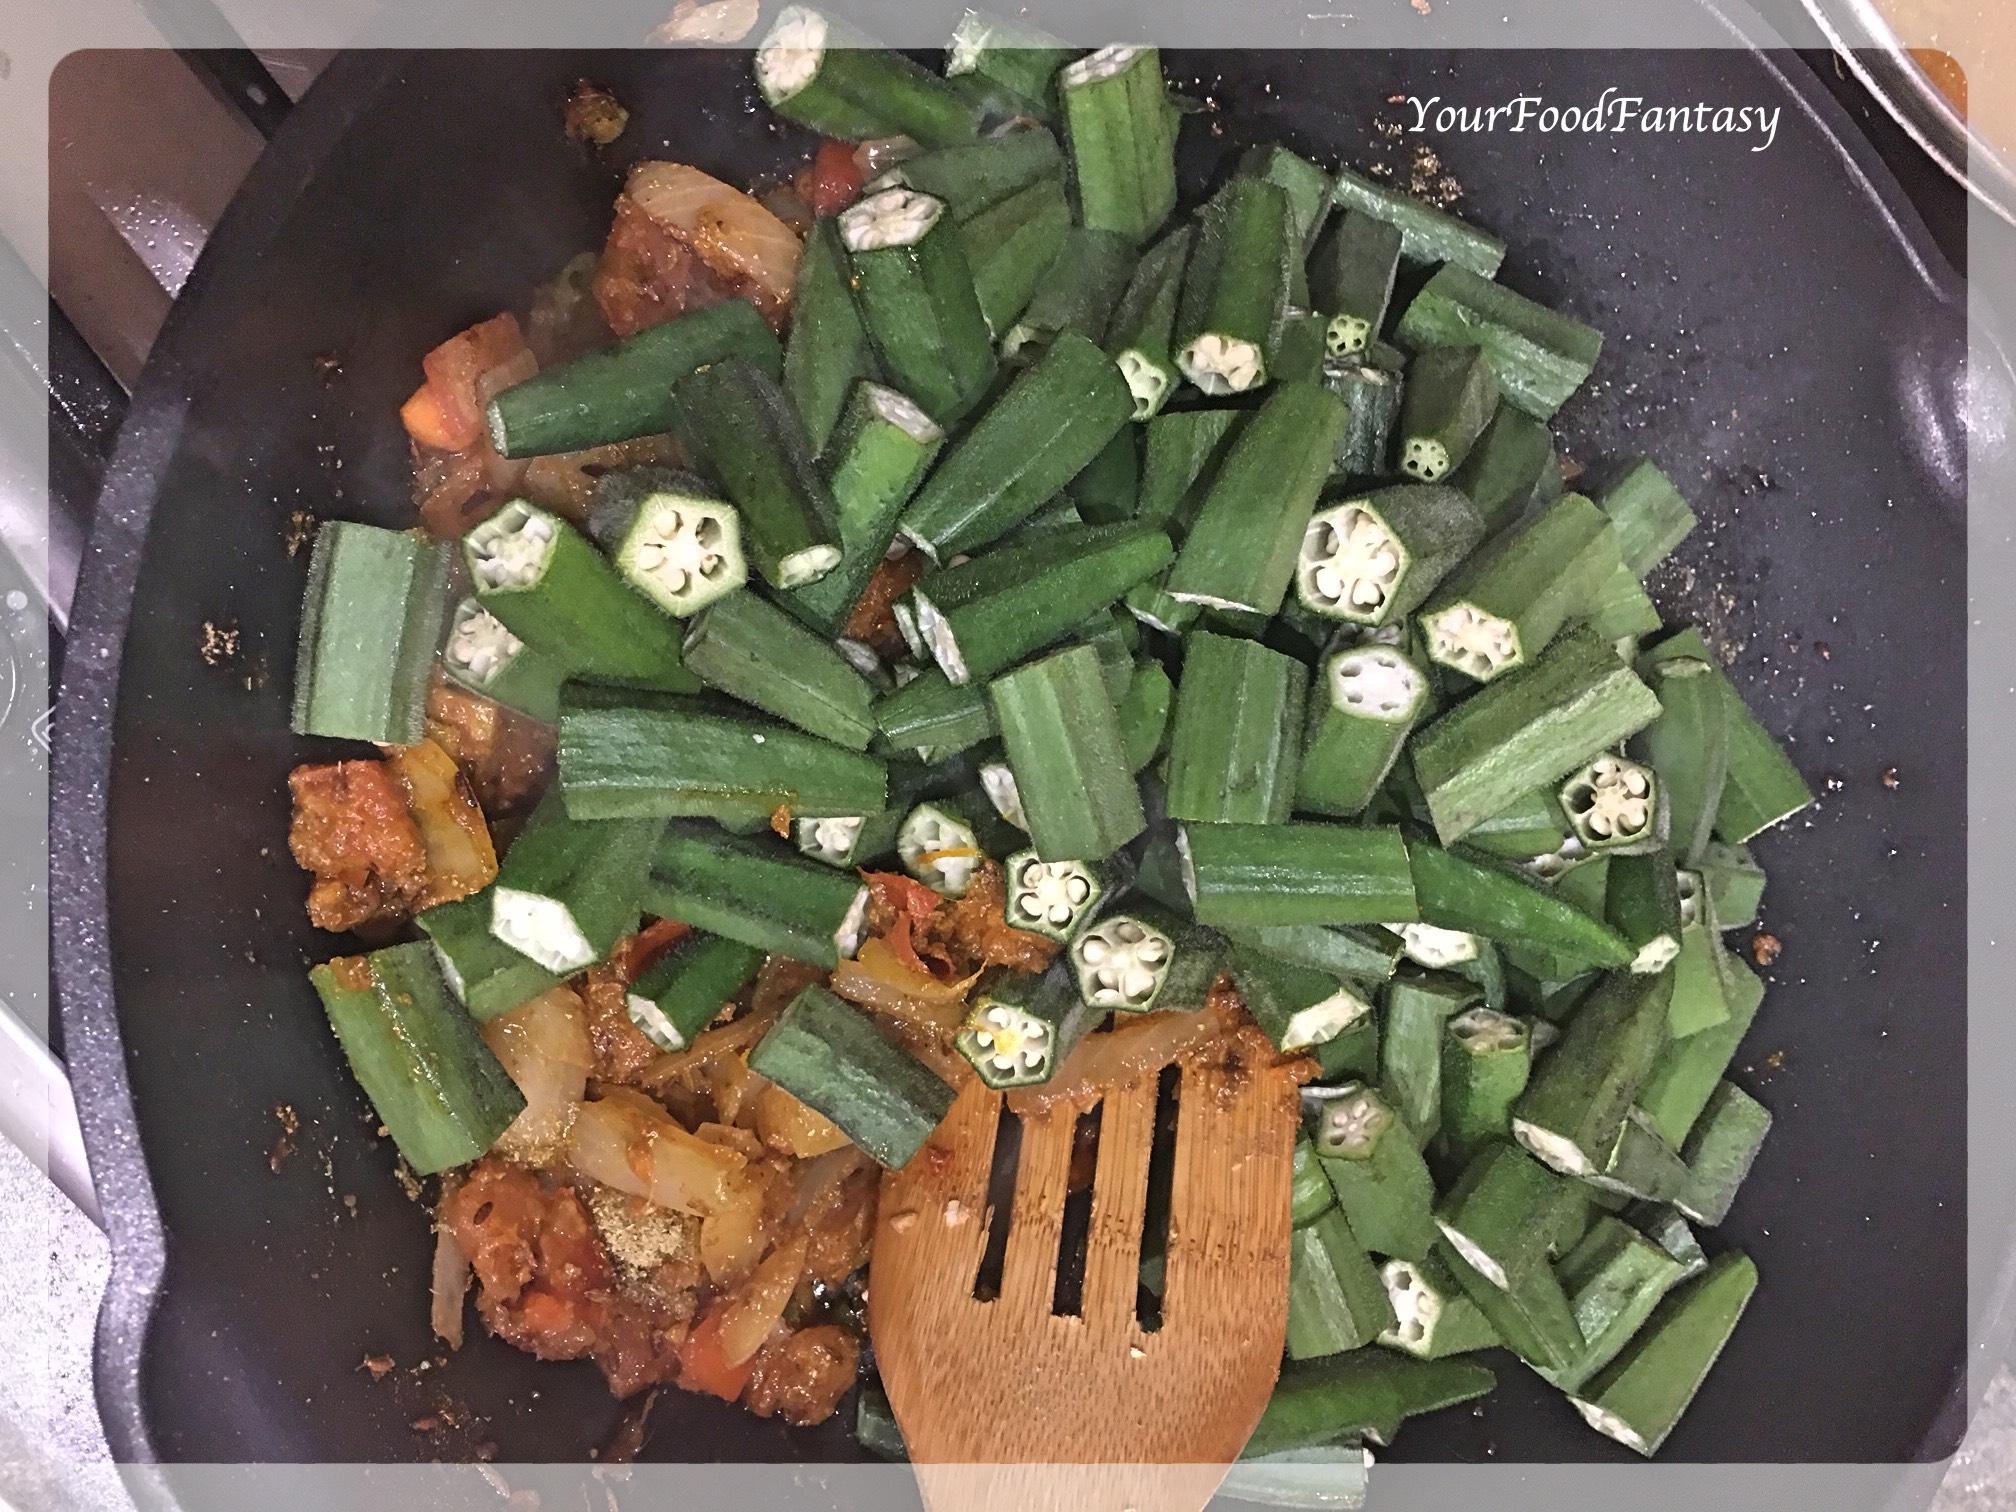 Bhindi Do Pyaza Recipe | YourFoodFantasy.com by Meenu Gupta